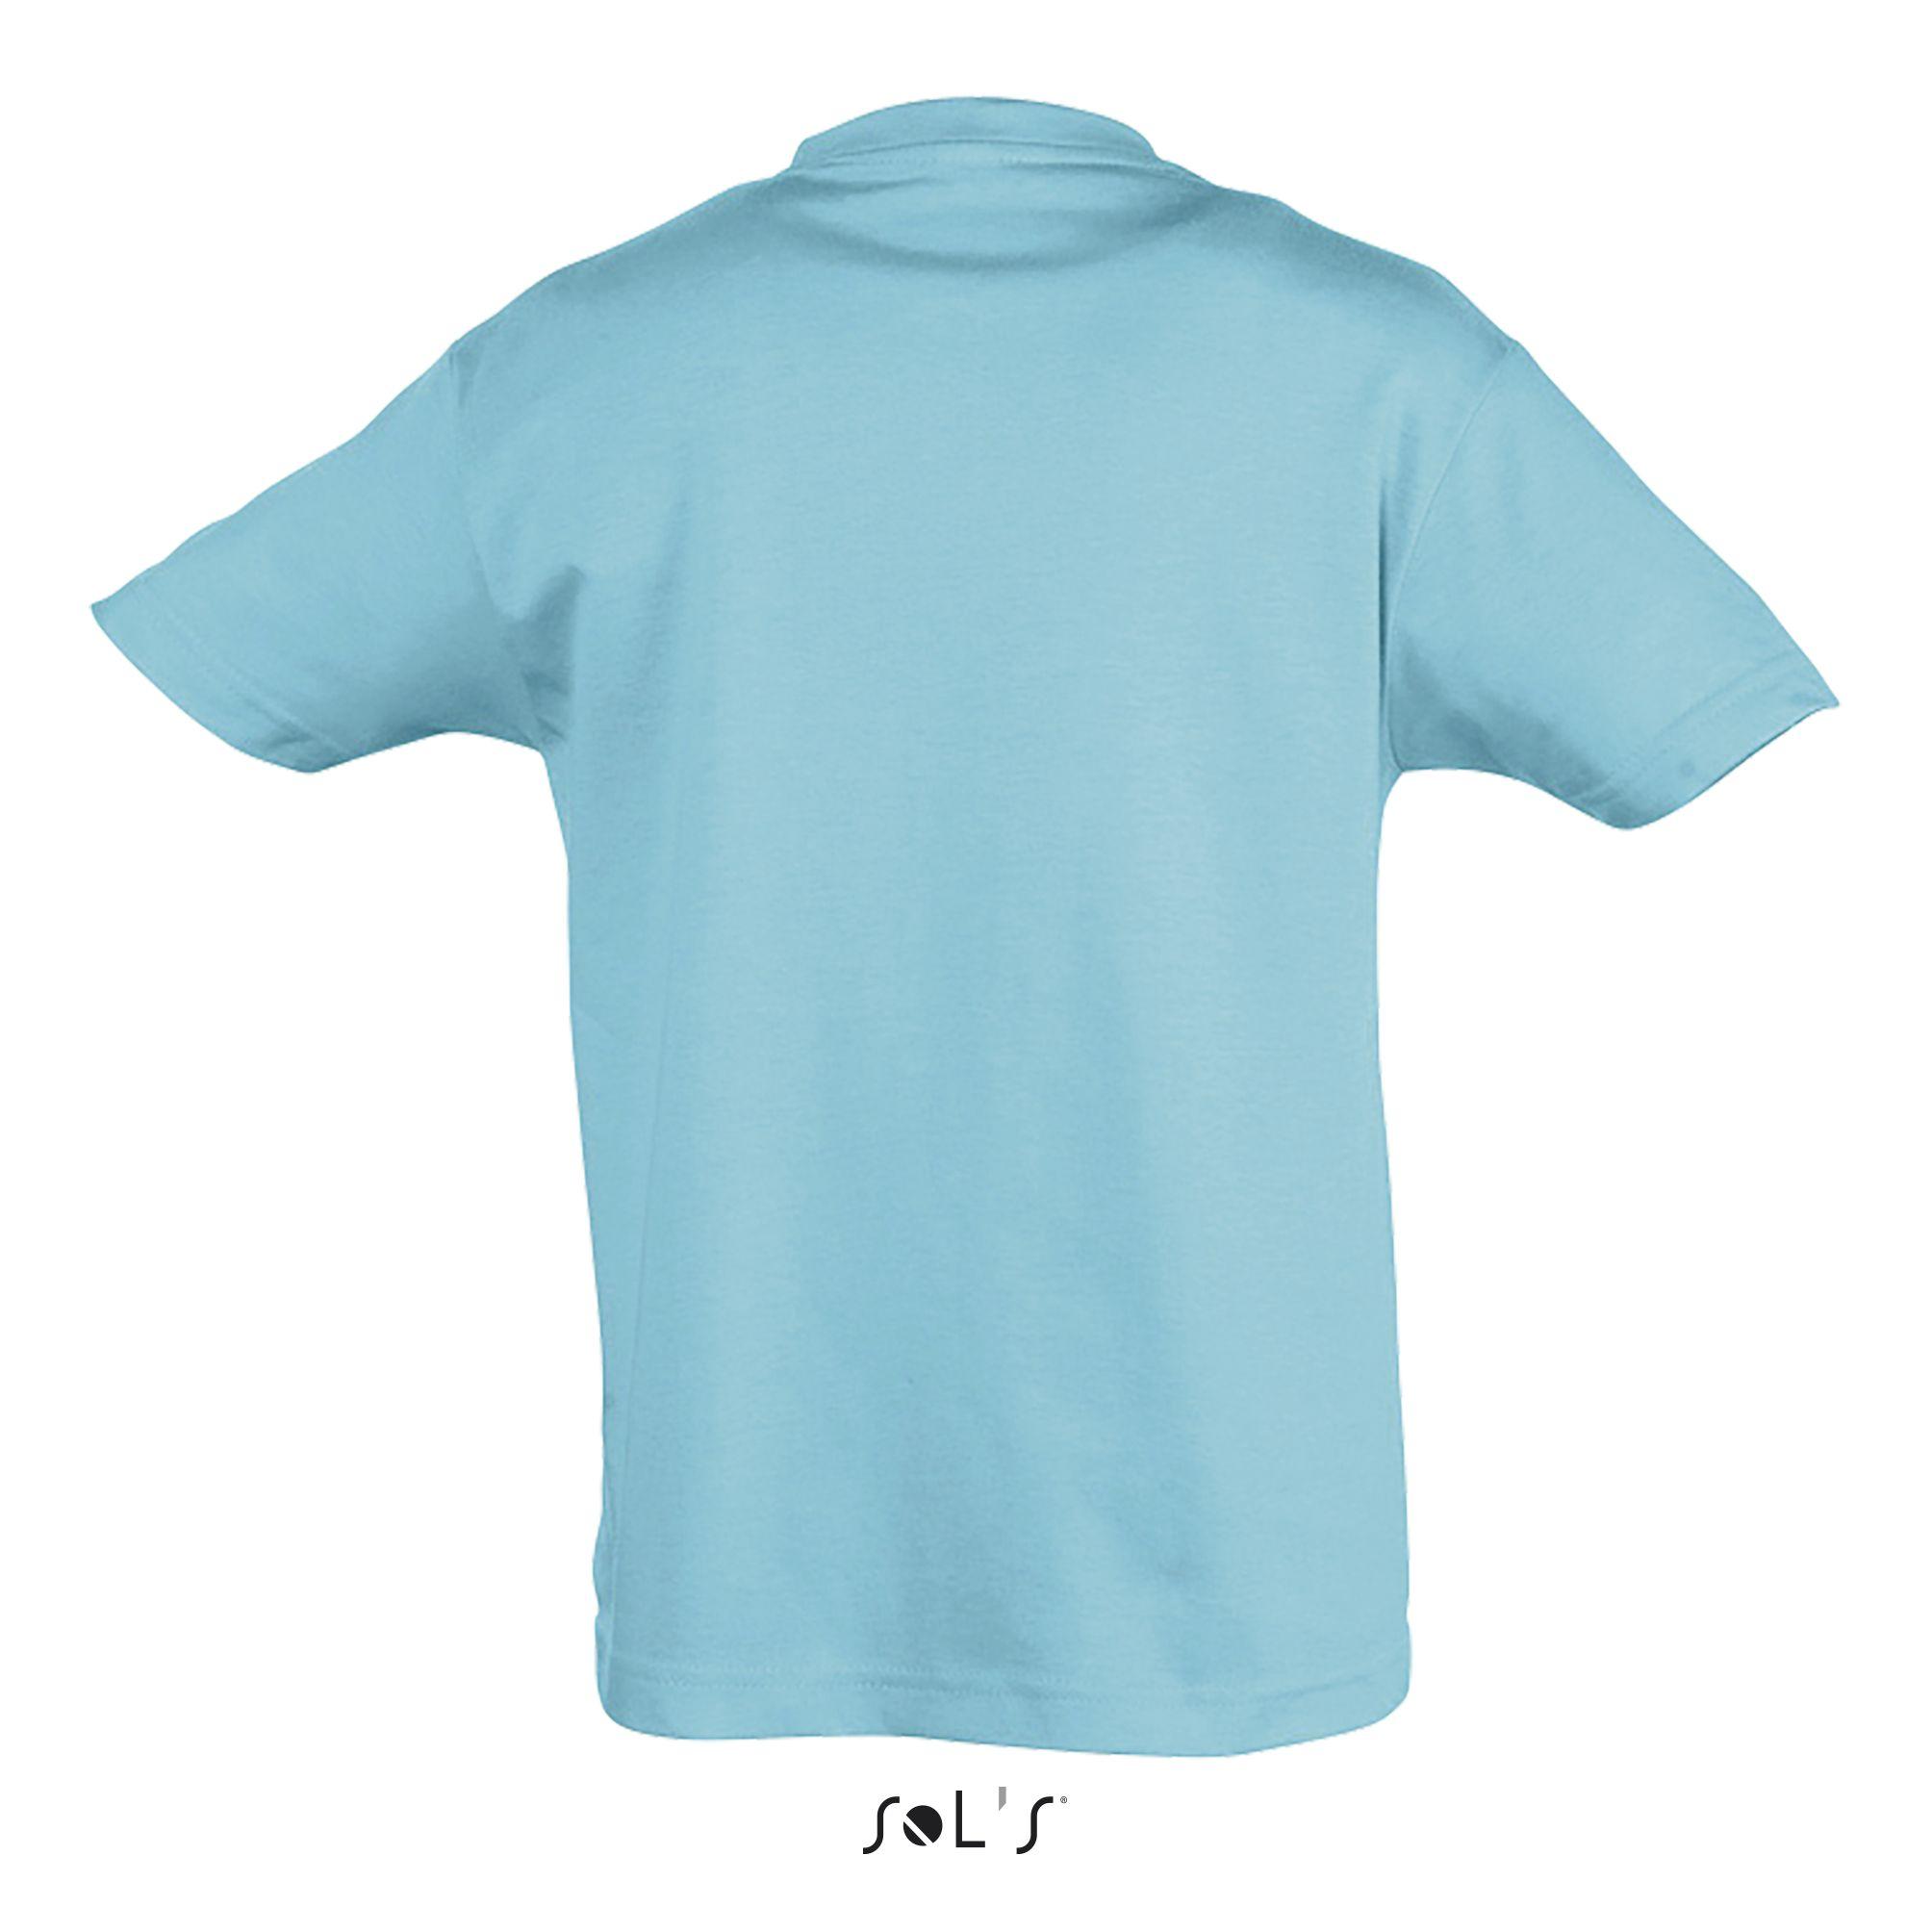 225 - Bleu atoll